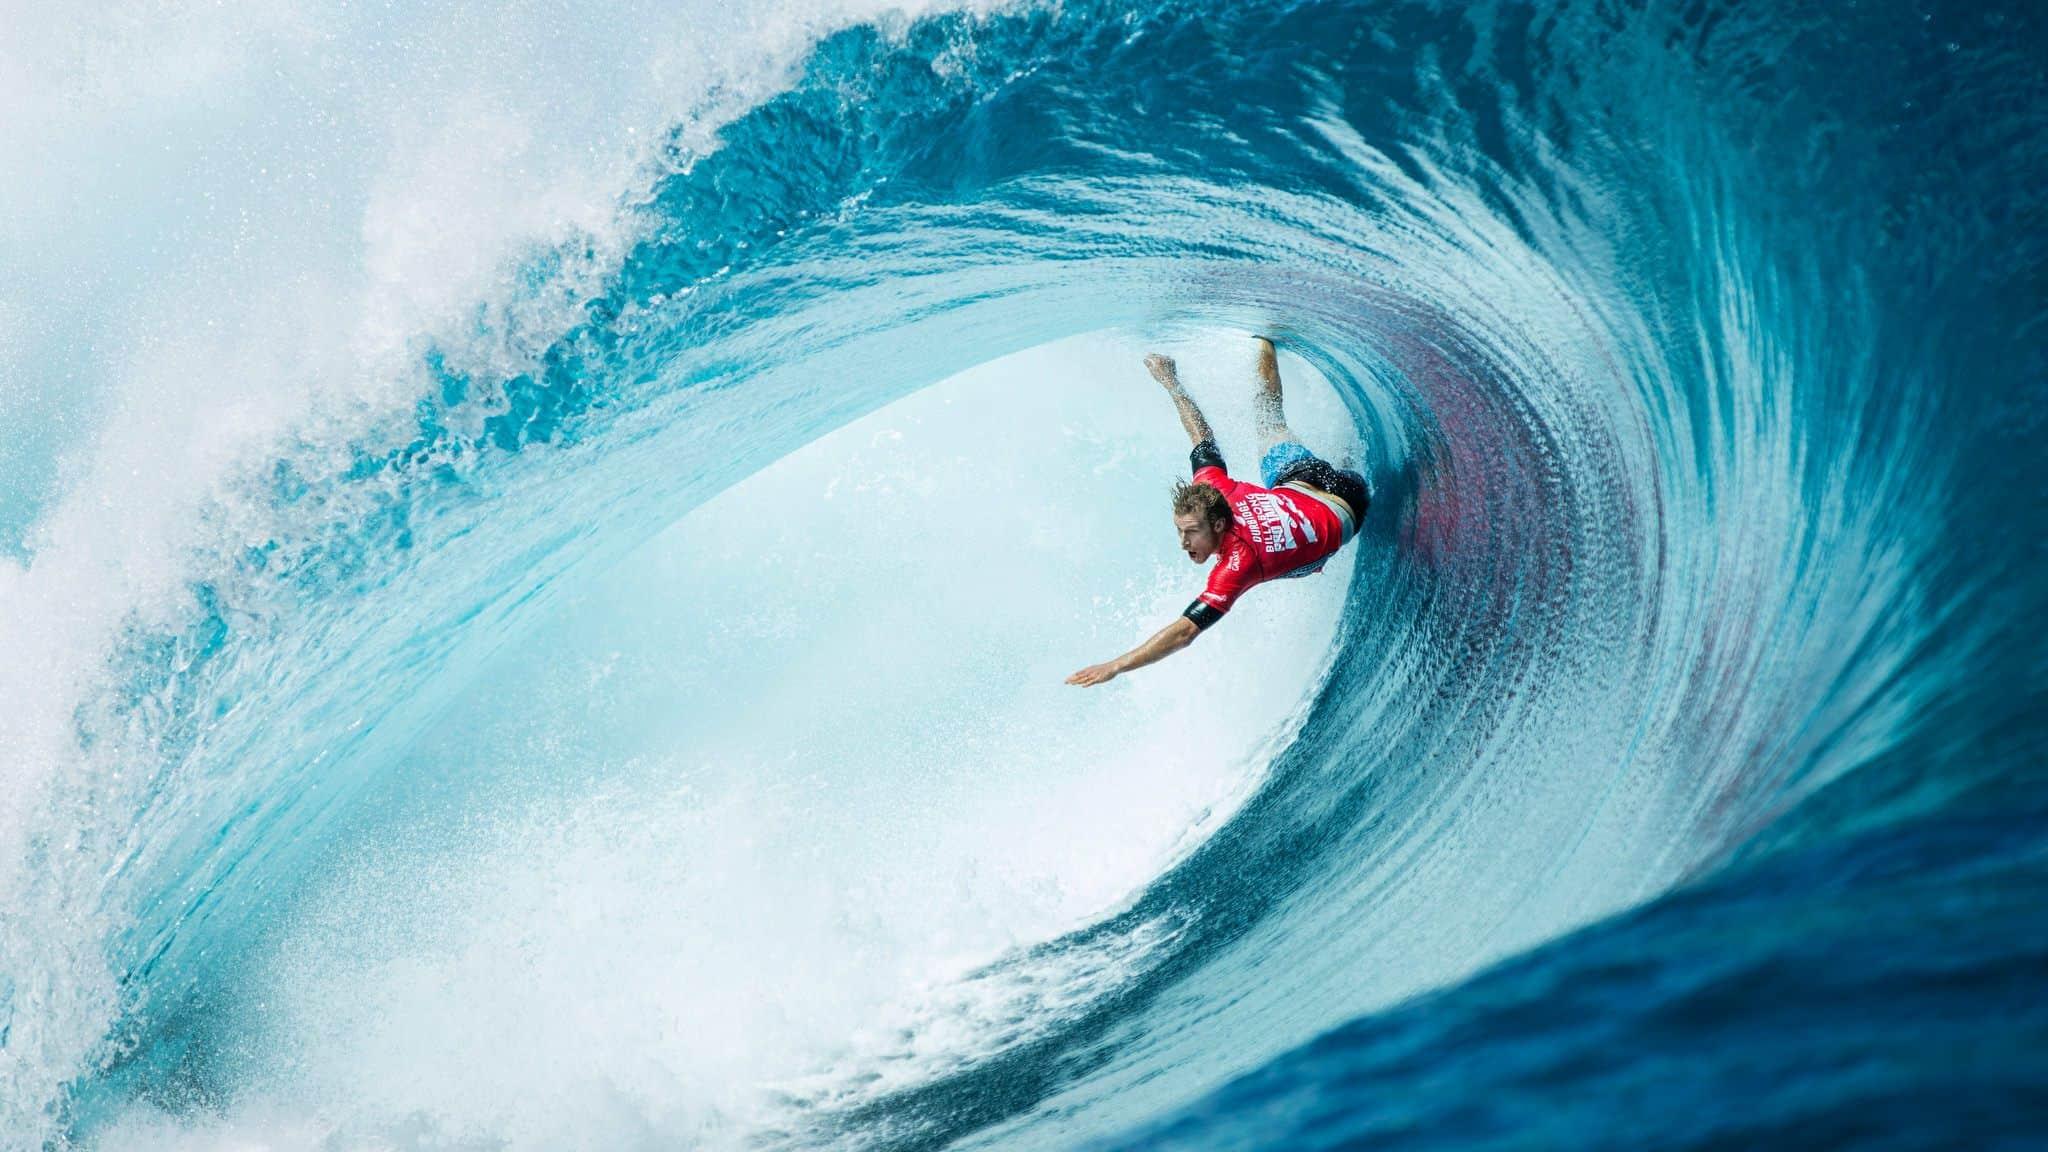 Man surfing huge wave